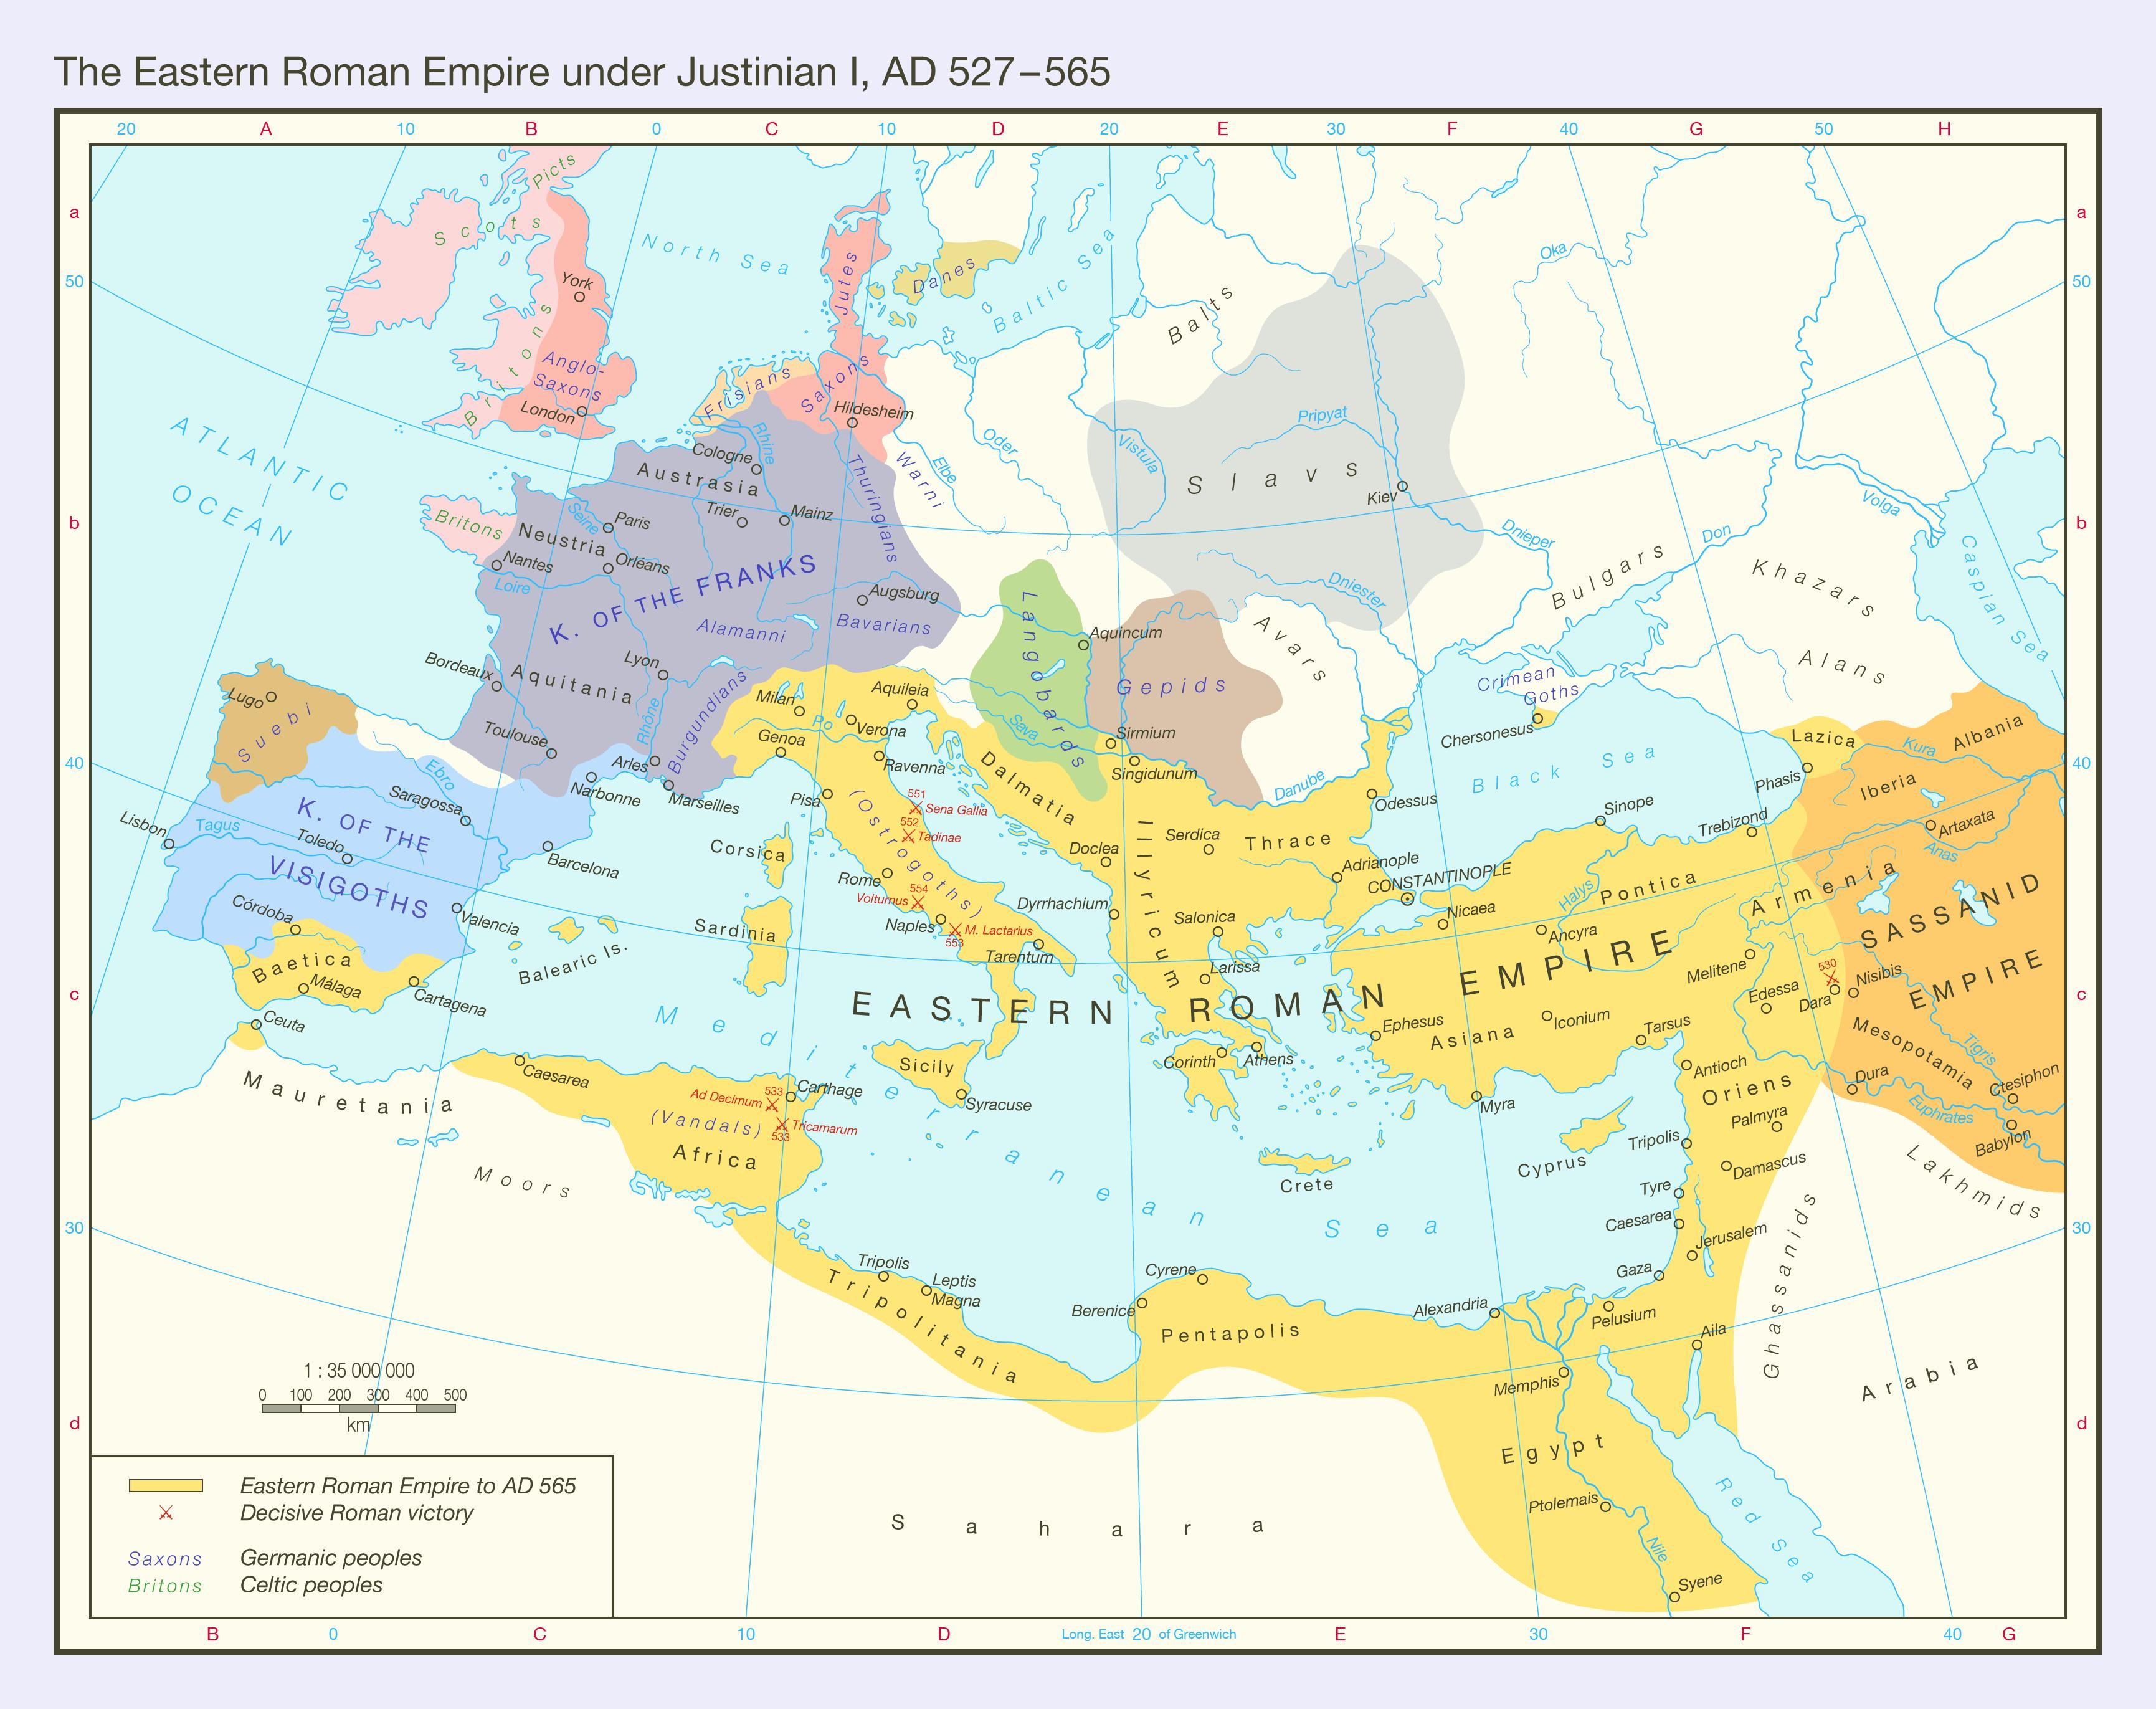 The Eastern Roman Empire, AD 527 - 565